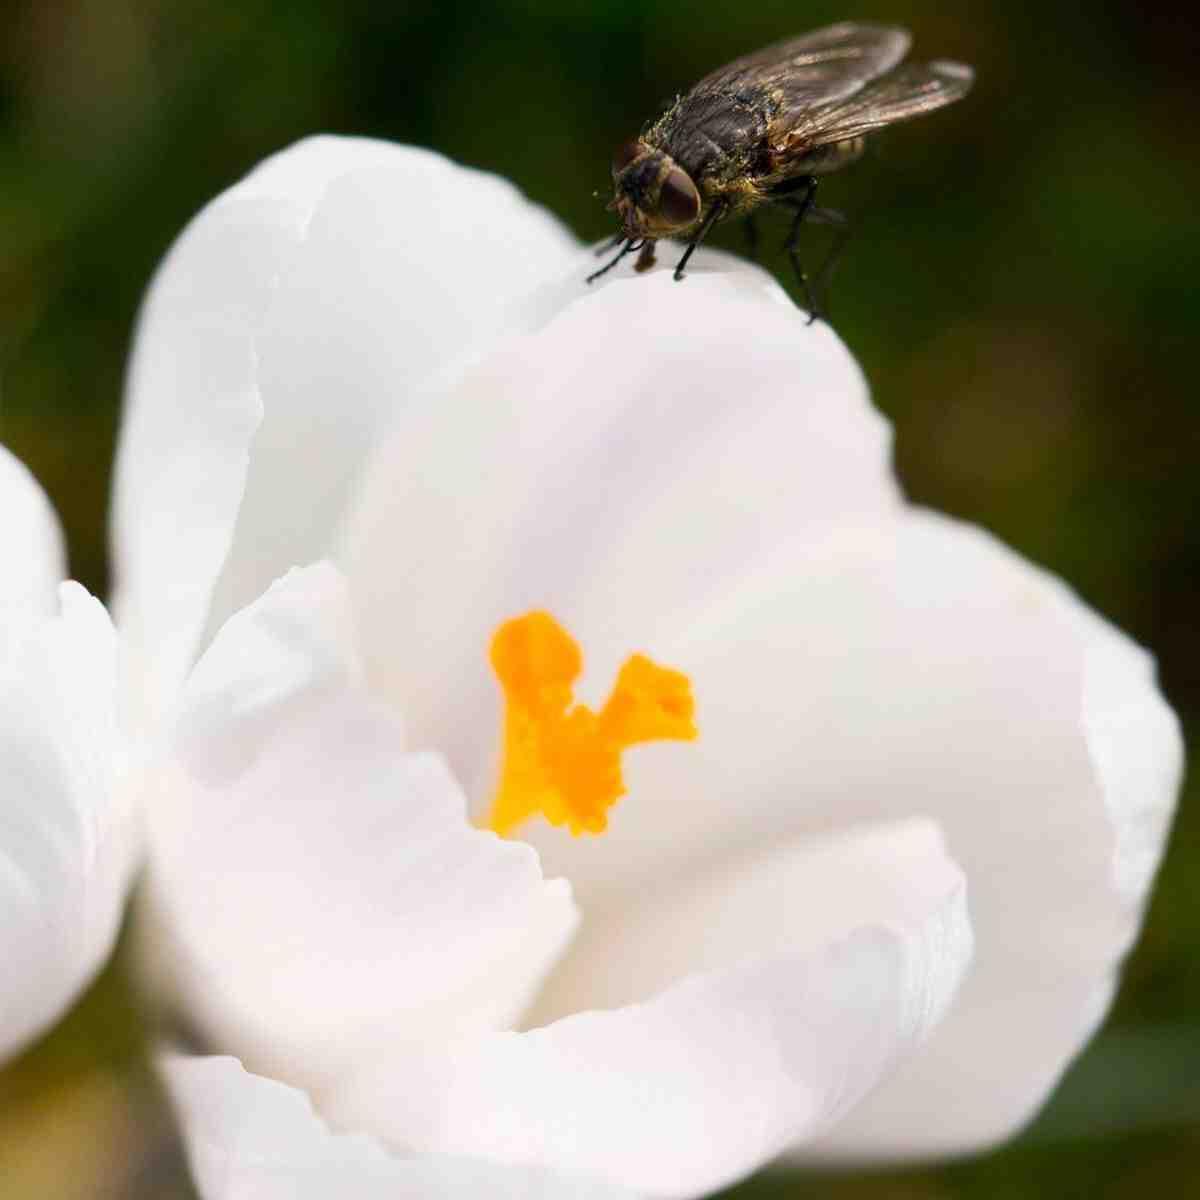 Quelle odeur les mouches n'aiment-elles pas?